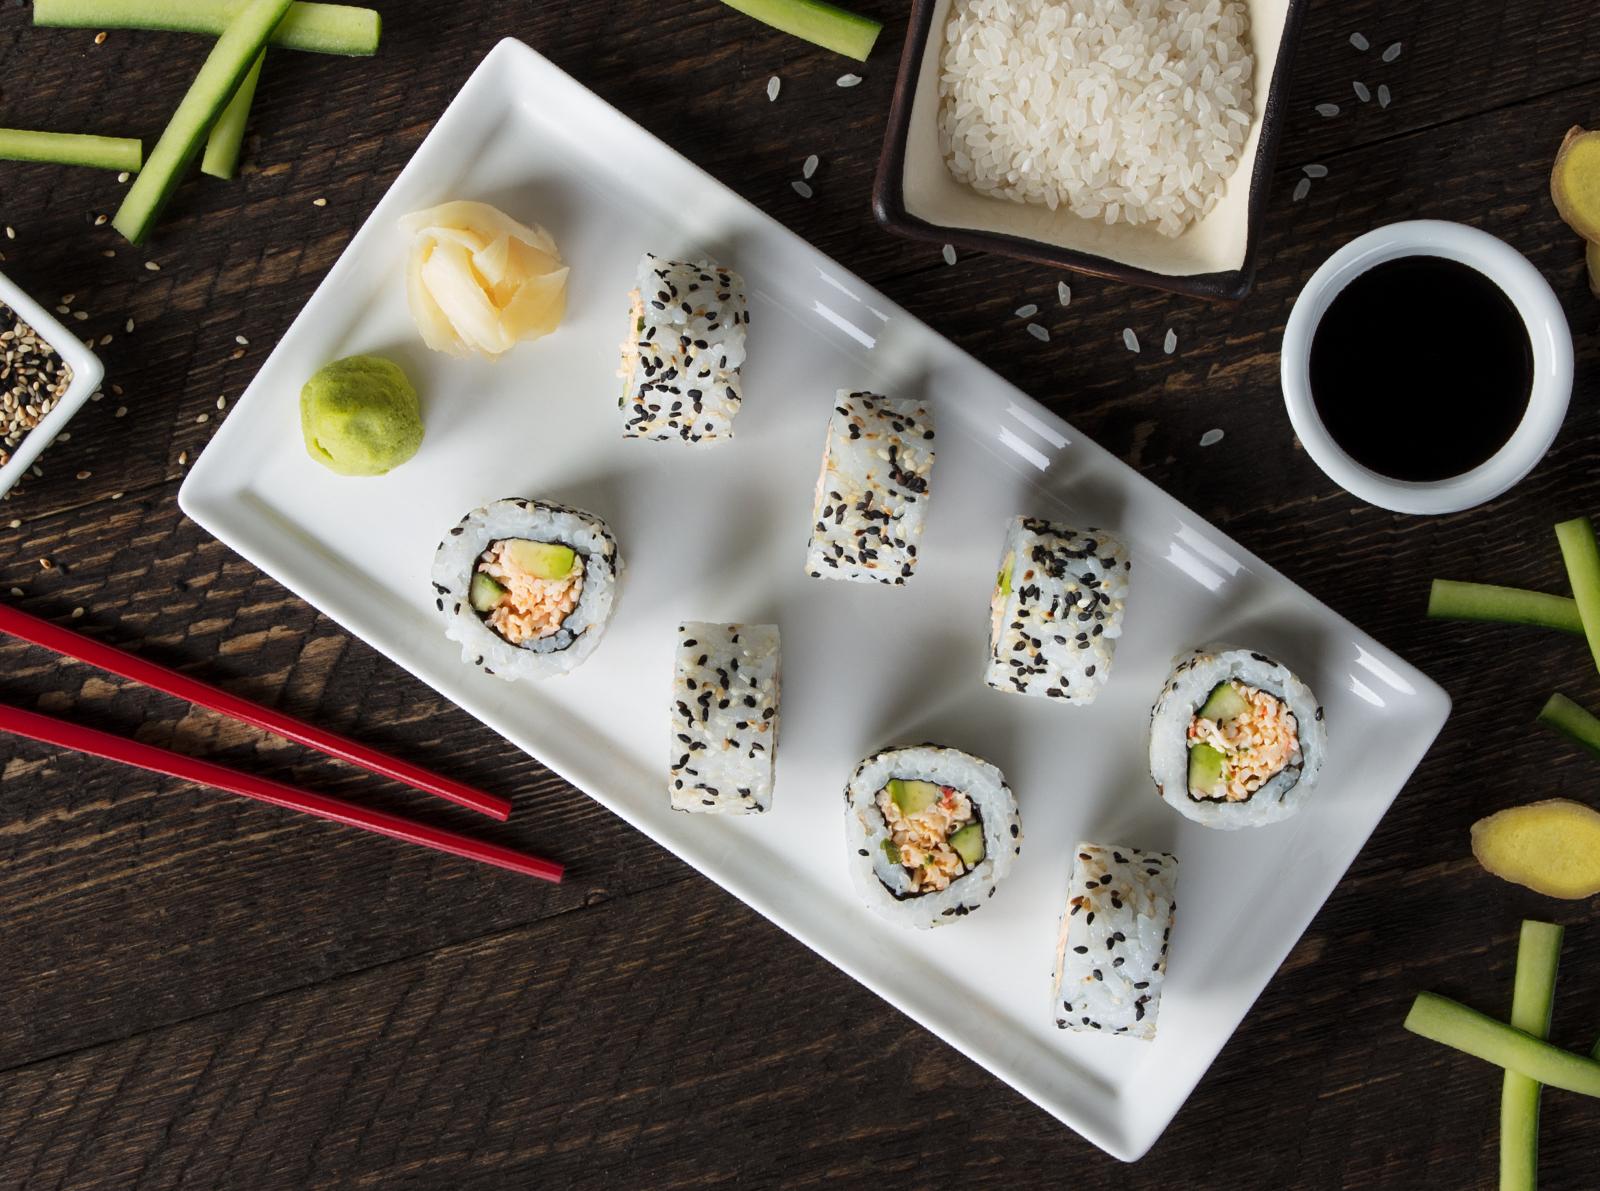 Pf changs free sushi day